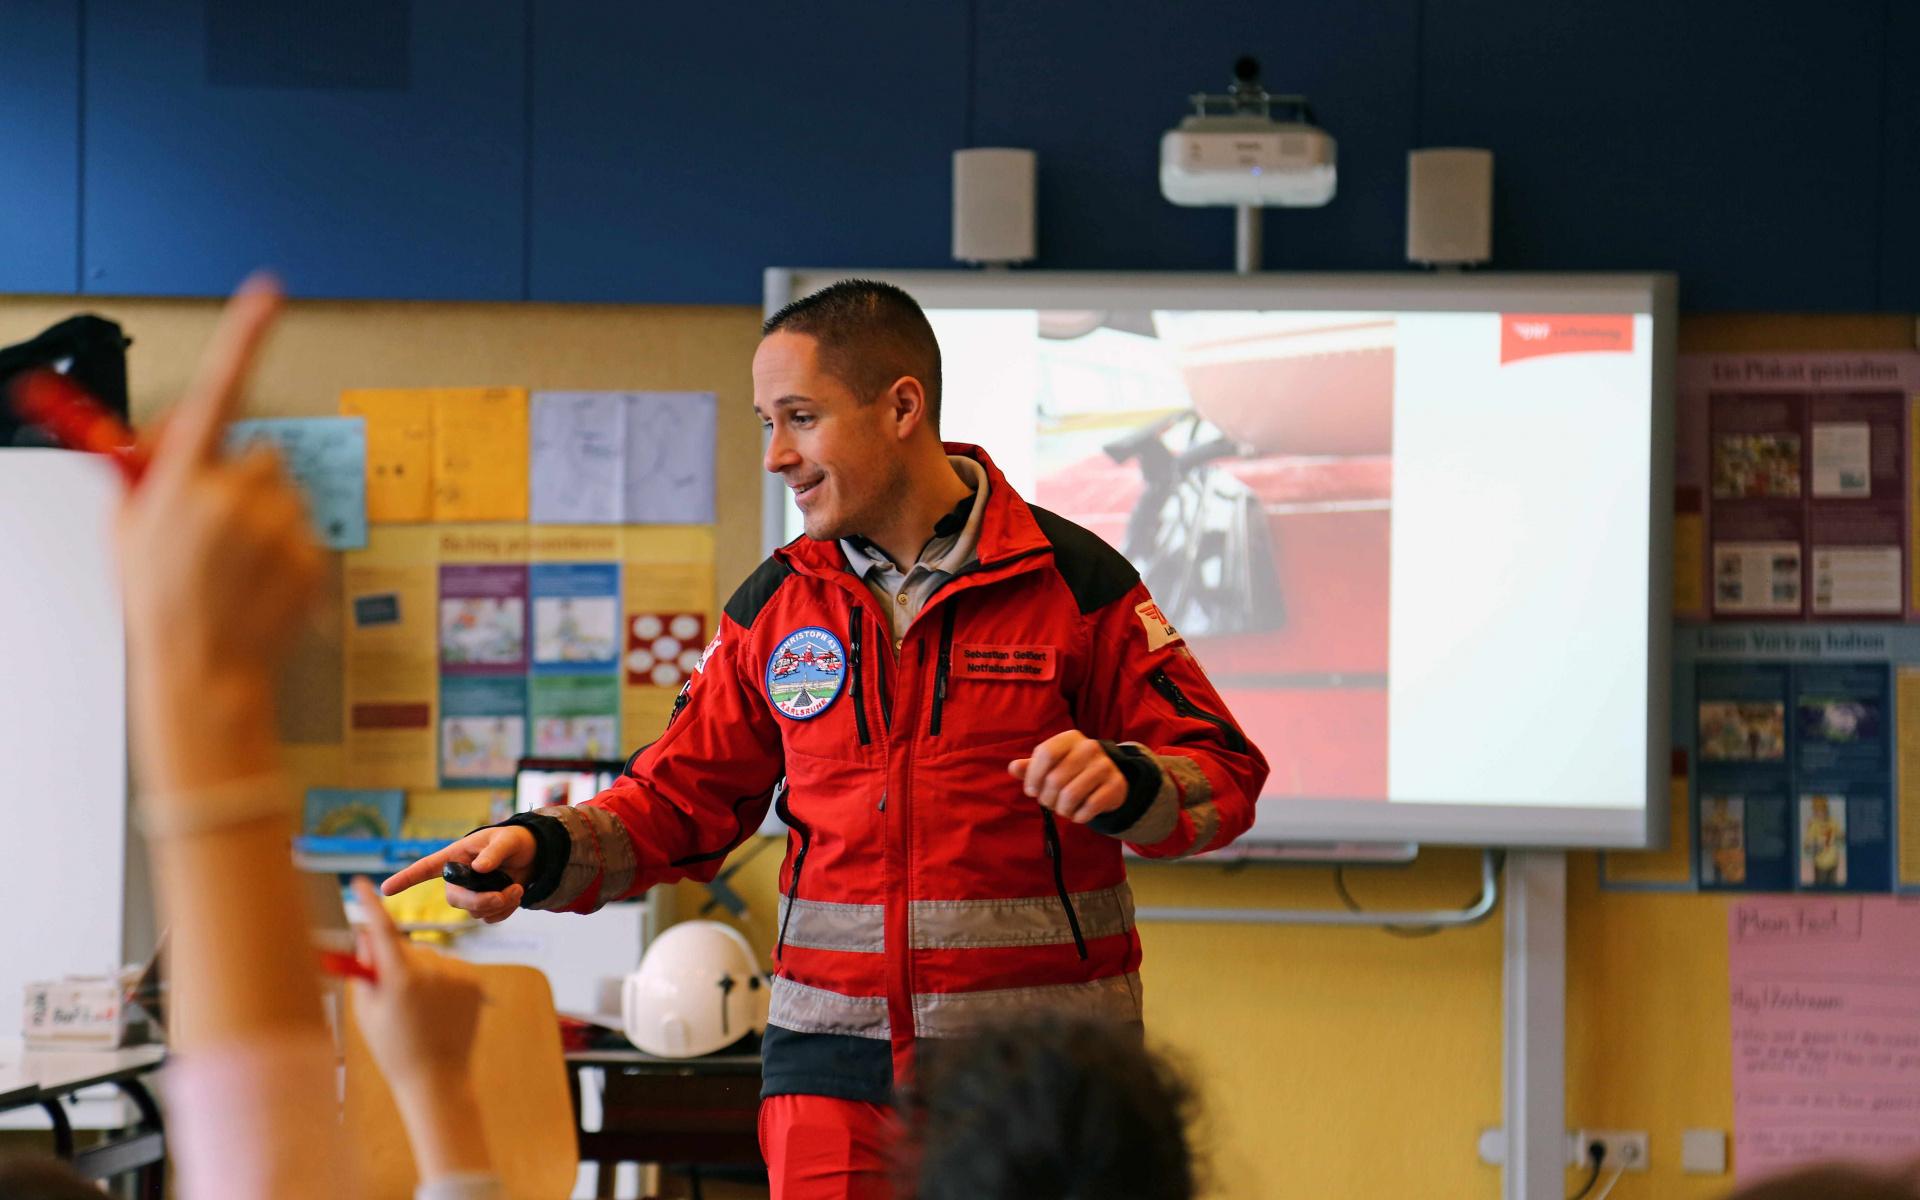 Sebastian Geißert, Notfallsanitäter der DRF Luftrettung, besuchte zum zweiten Mal die Grundschule in Wörth und stellte den Kindern die Arbeit der Luftretter vor. Foto: Jana Brunck